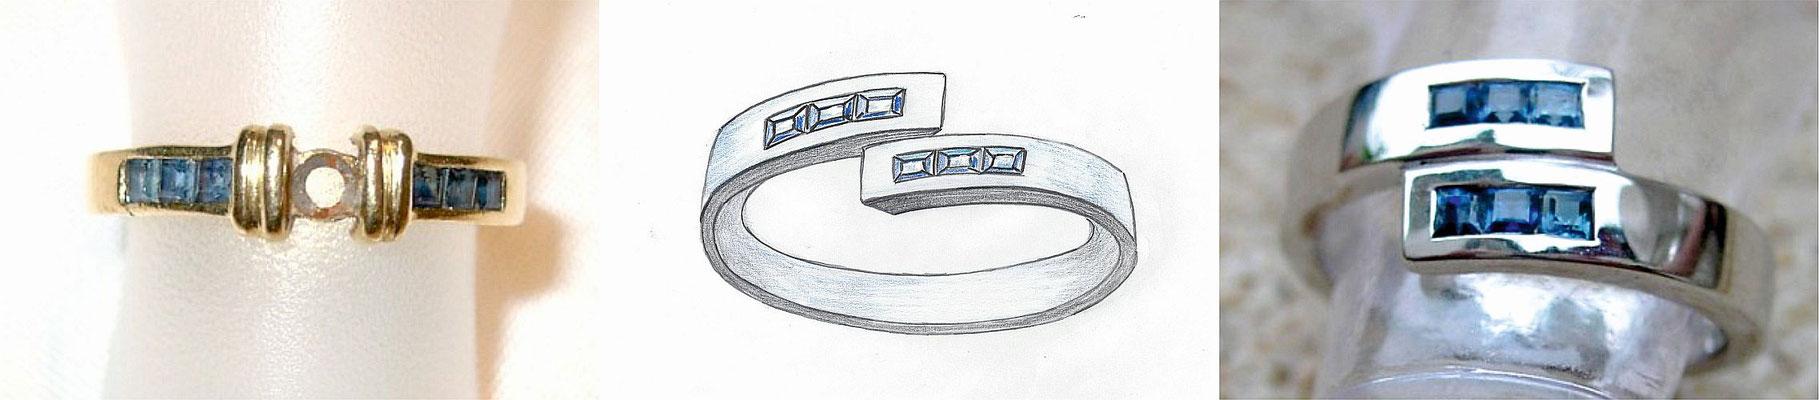 Alter Gold-Safirring zu neuem Weisgold-Safirring